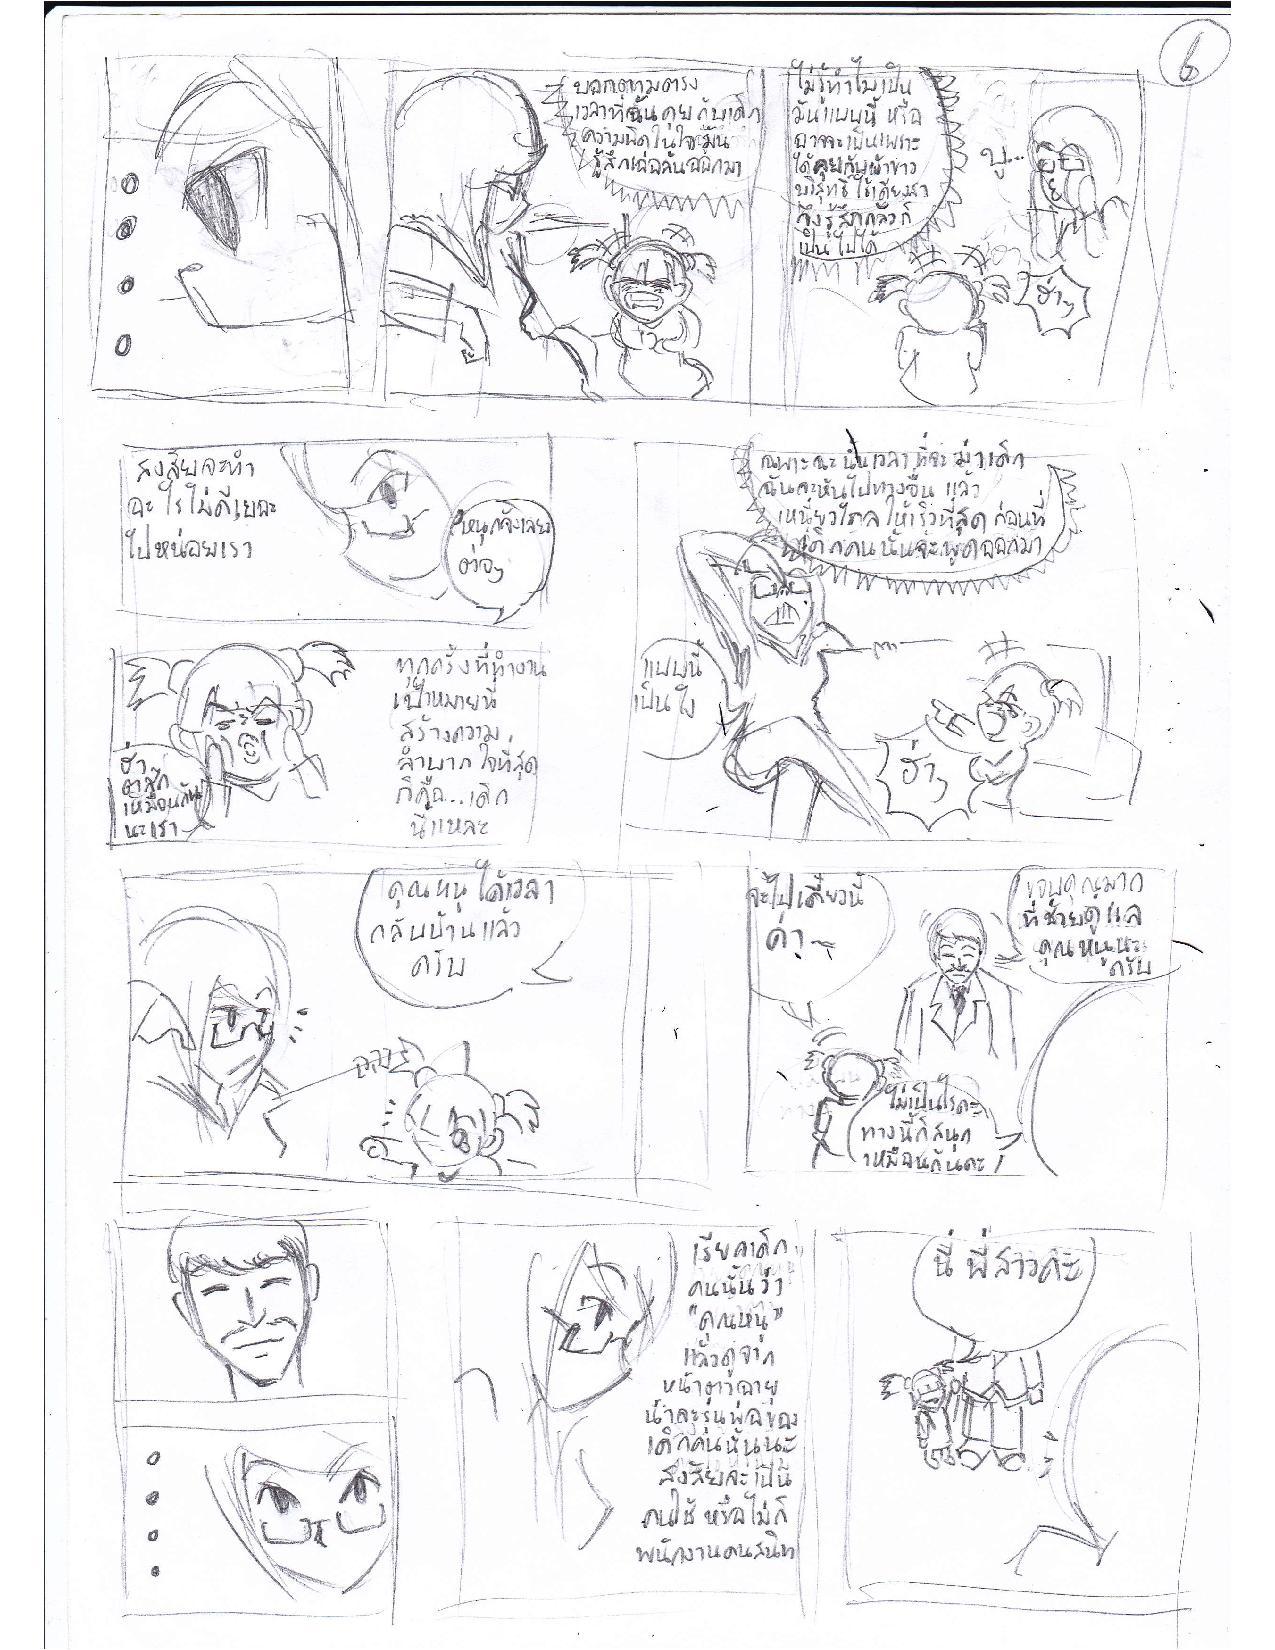 [Story Board-เรื่องสั้น] Beauty of Life(แก้งานครั้งที่ 1 ตอนที่ 1 T^T) Wvjn6